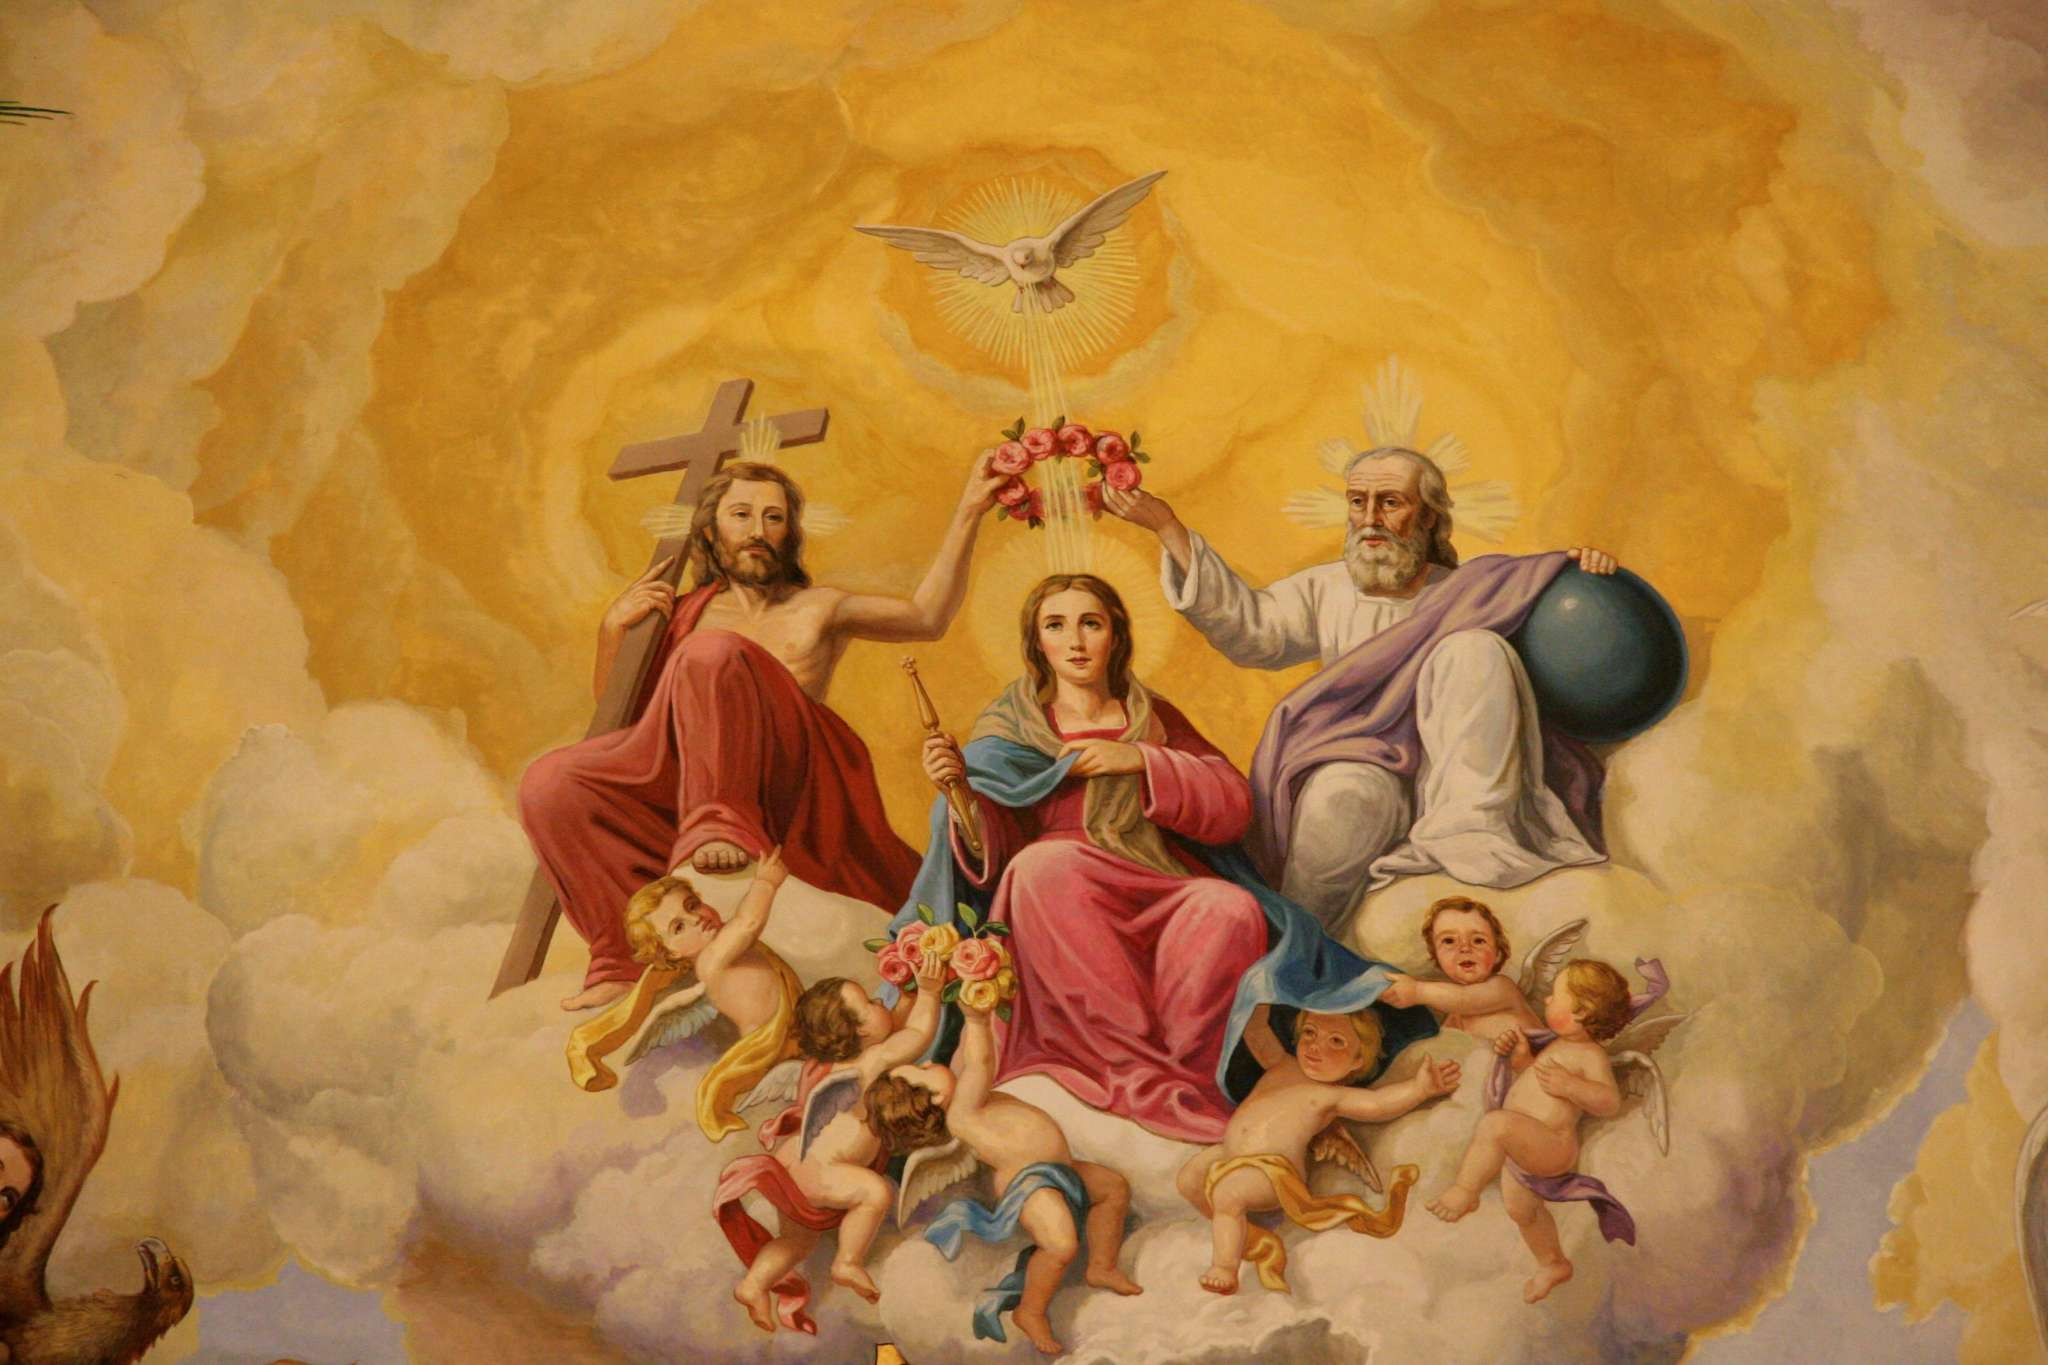 El 15 de agosto la Iglesia celebra La Asunción de María, modelo de la humanidad bienaventurada, manifestación de la grandeza humana.